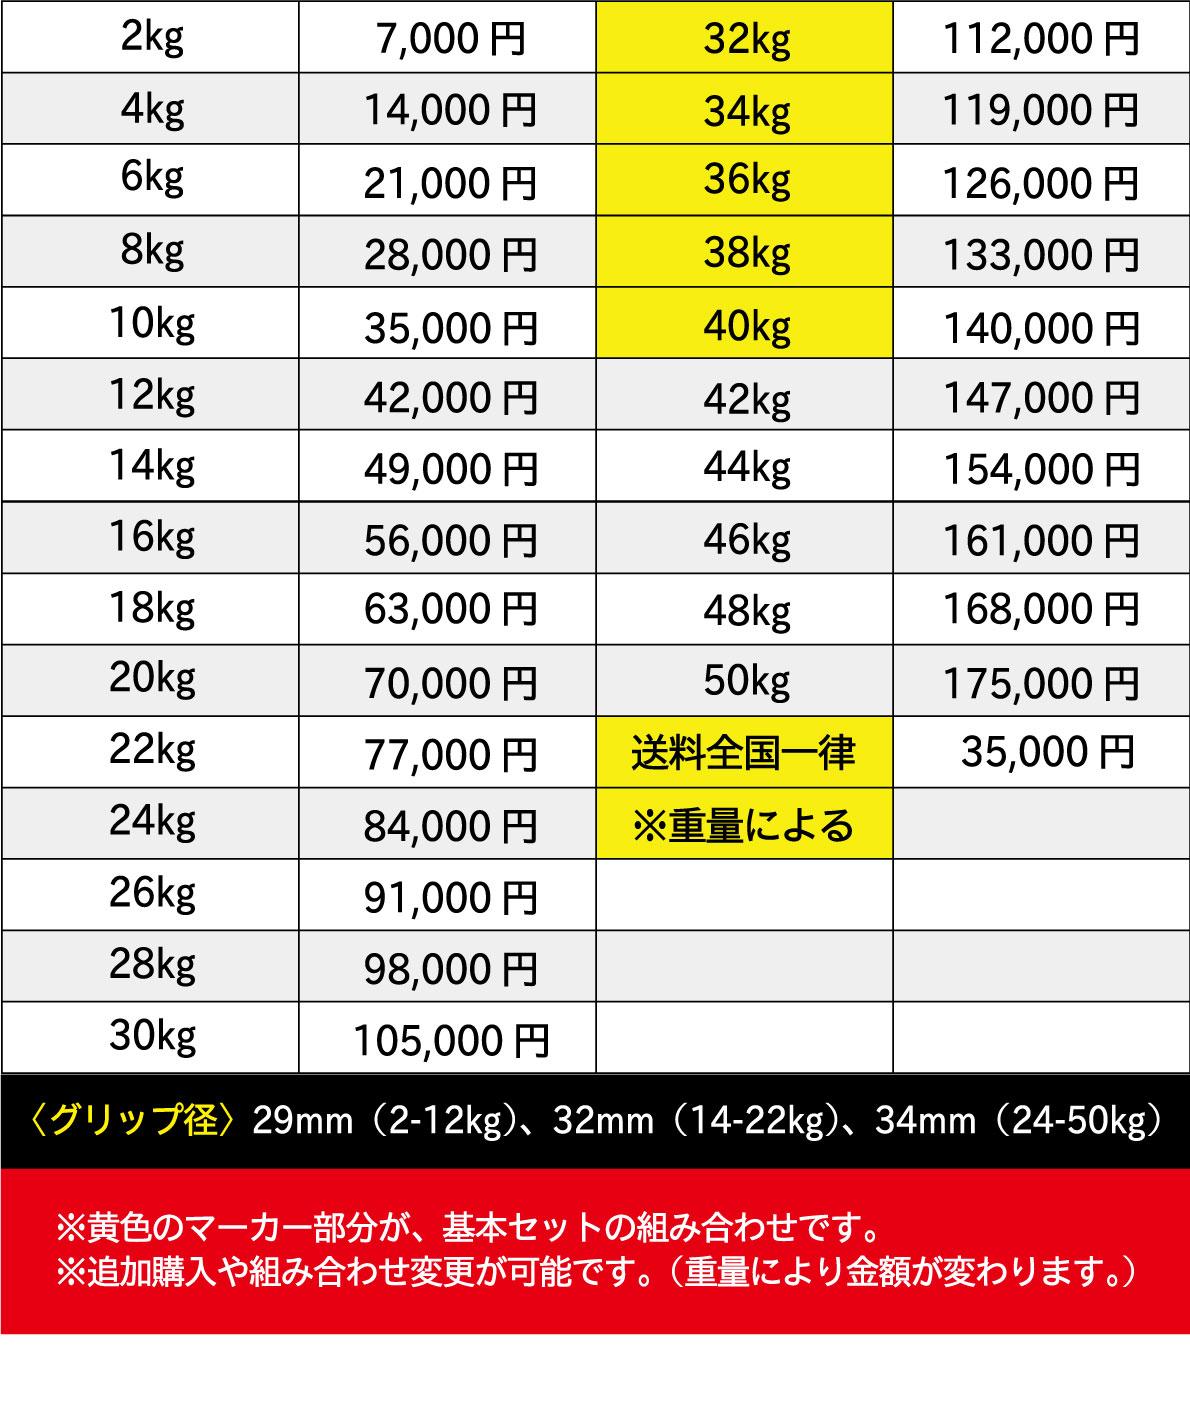 ウレタンダンベル/アレーの5ペアセット(32kg-40kg)〈業務用〉《総合格闘技UFCオフィシャル》